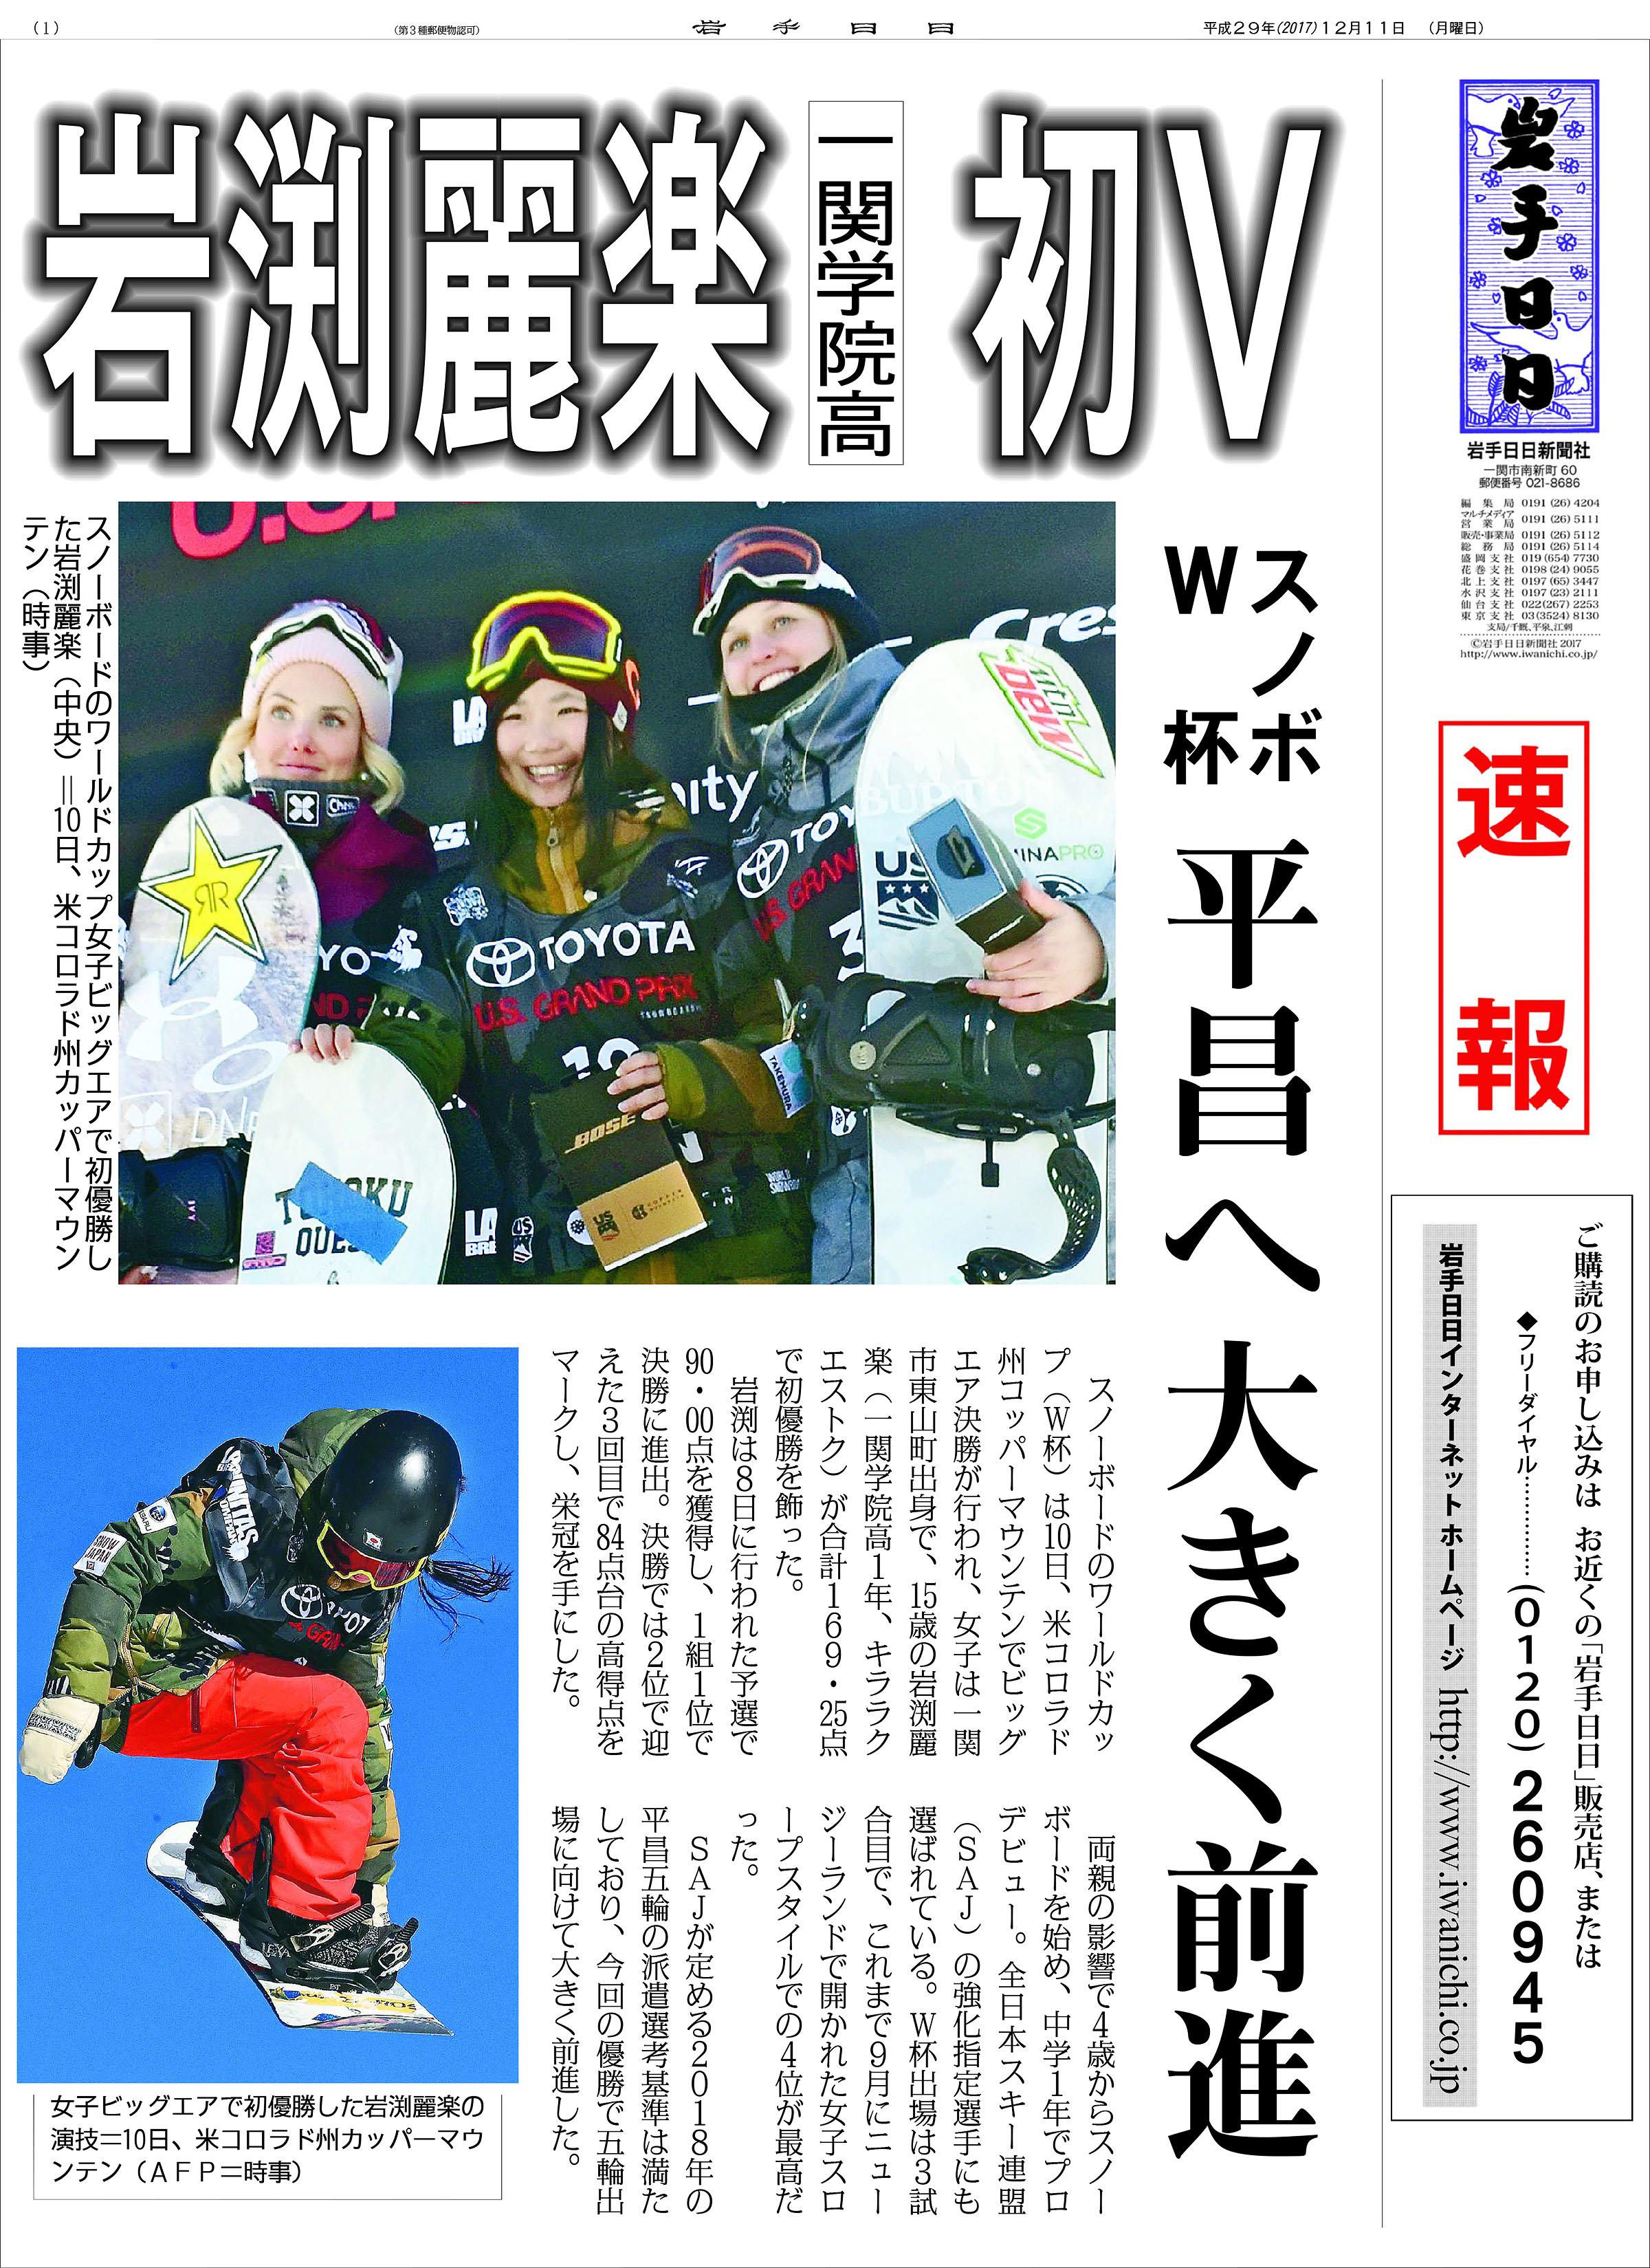 【速報】岩渕麗楽(一関学院高)初V スノボW杯 平昌へ大きく前進